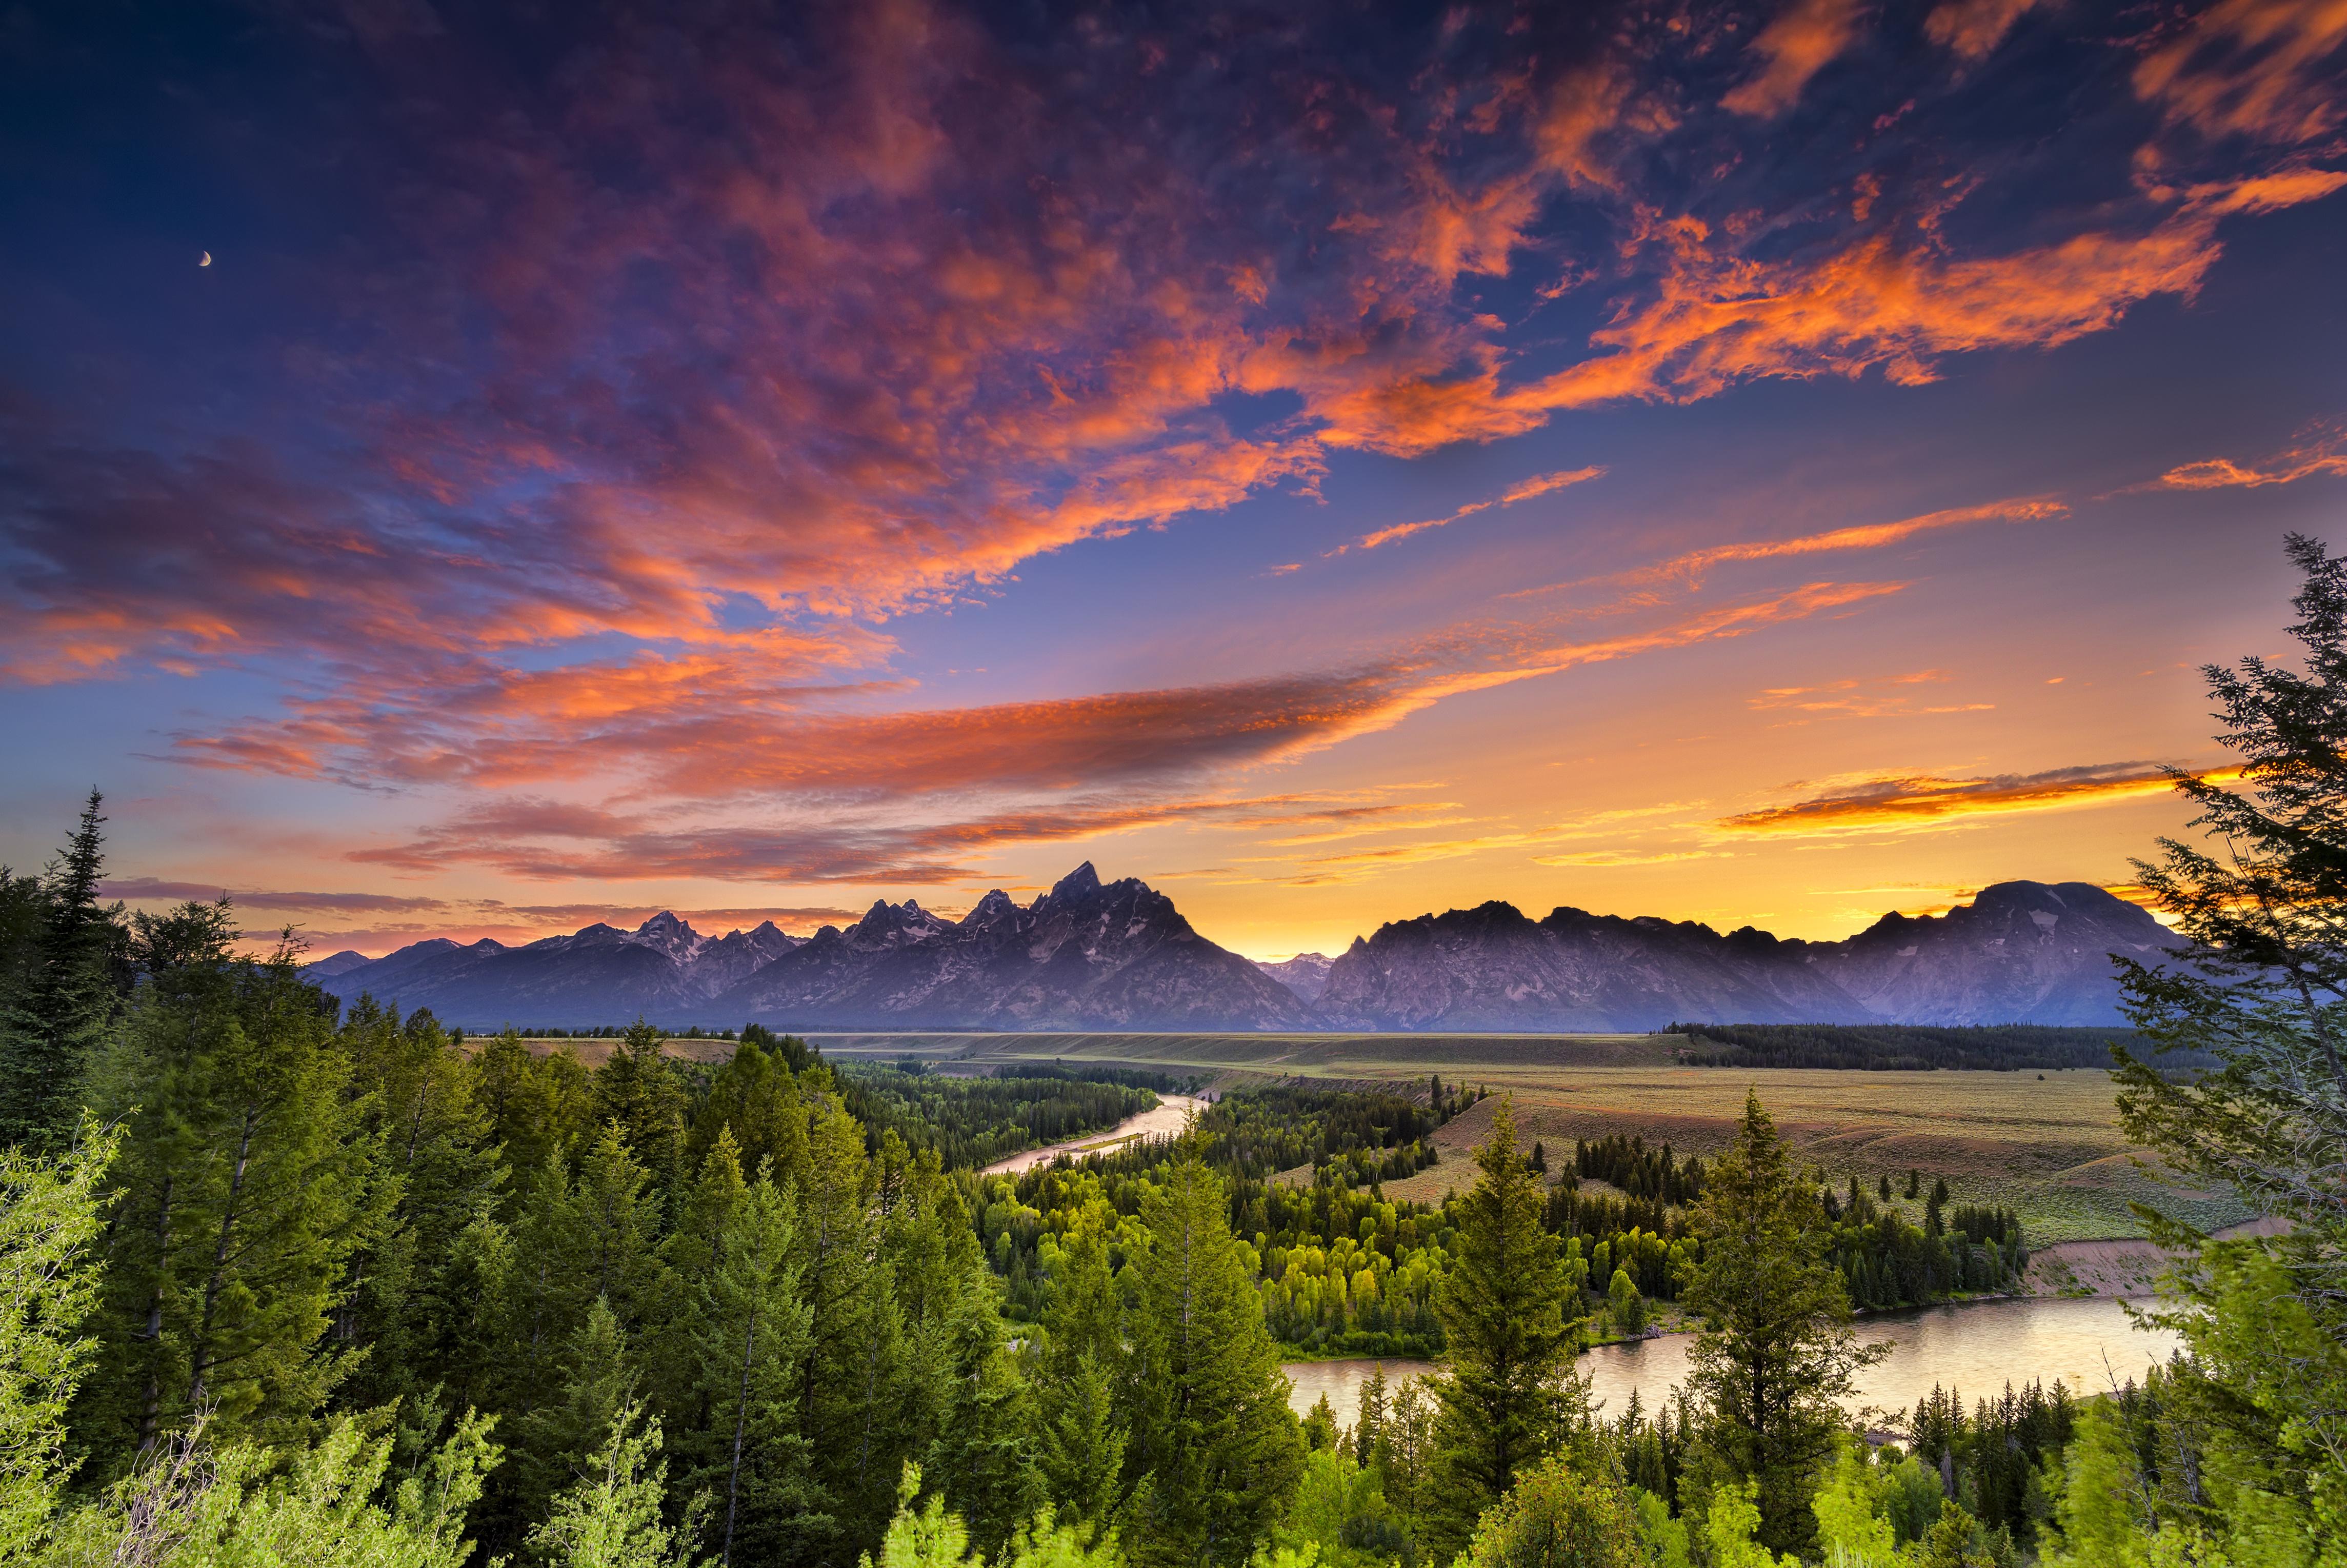 природа река деревья облака горы без смс